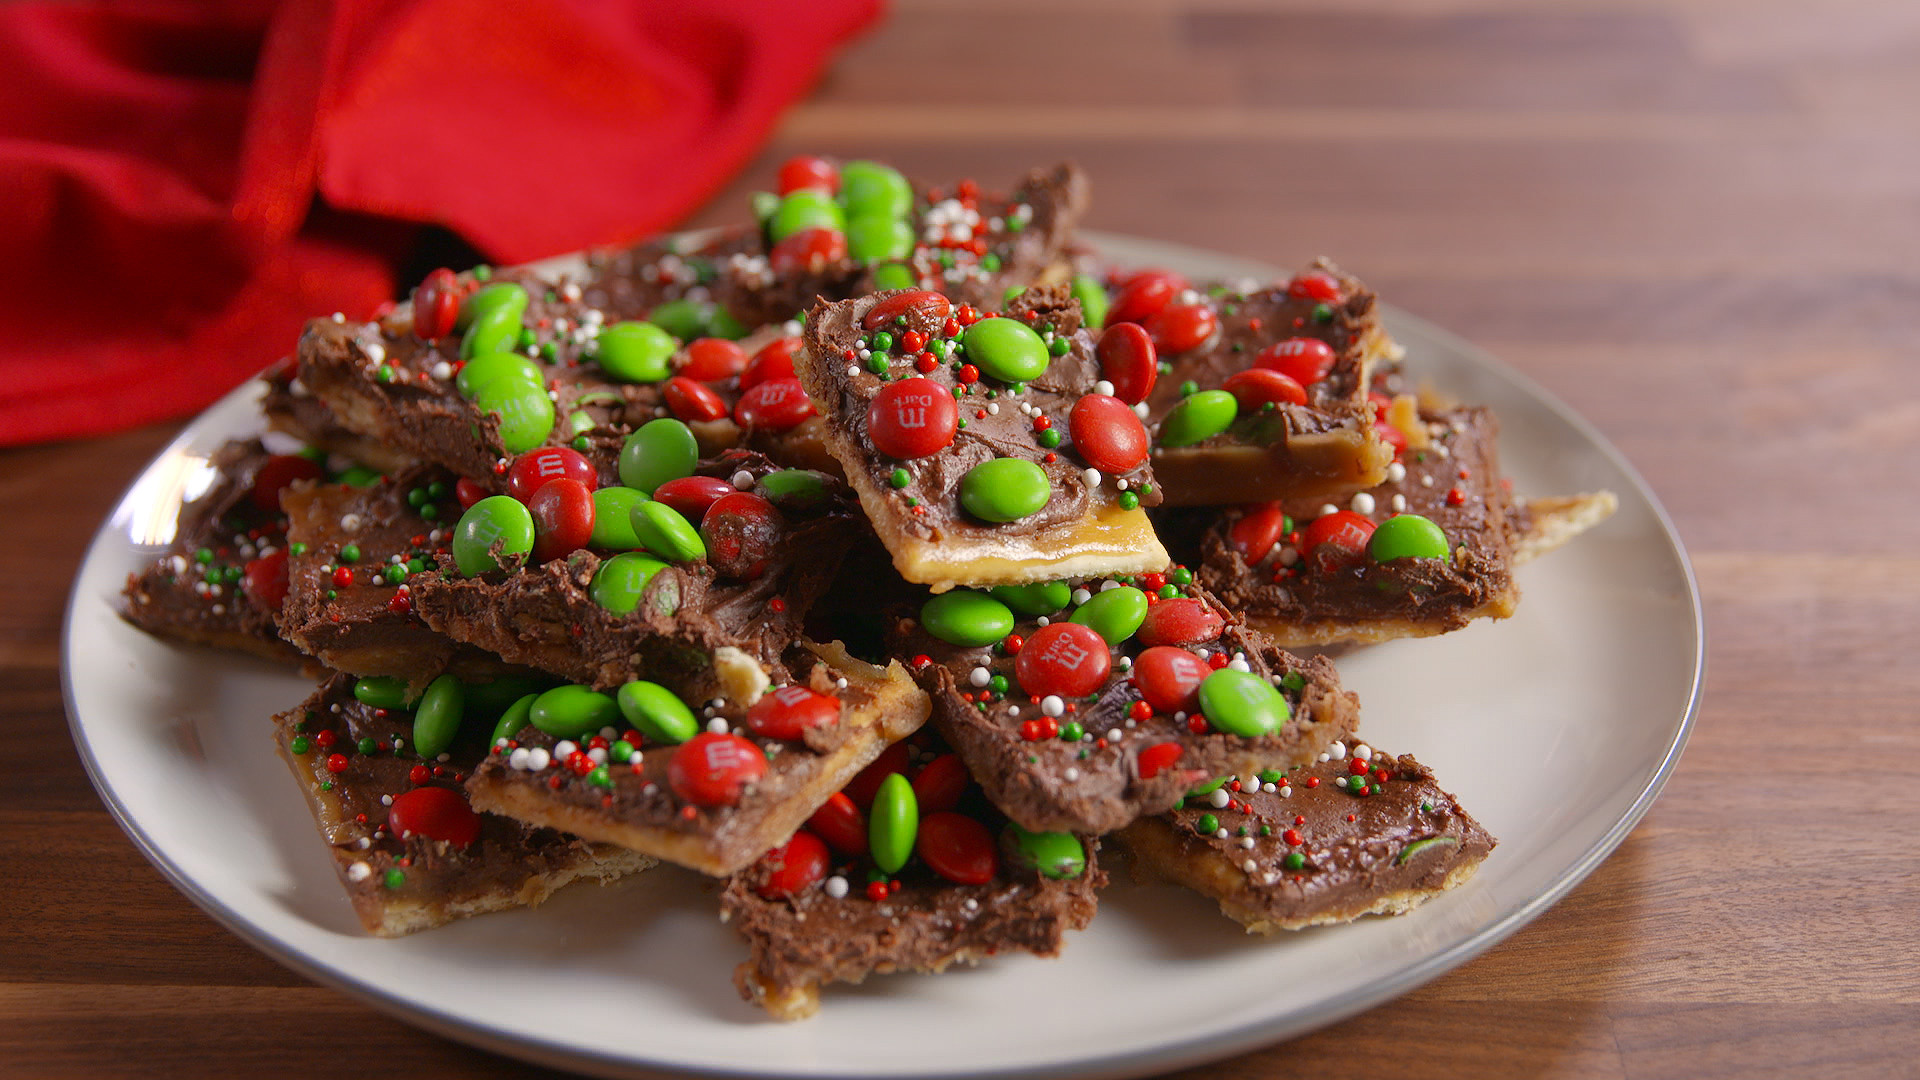 Homemade Christmas Candy  20 Easy Homemade Christmas Candy Recipes How To Make